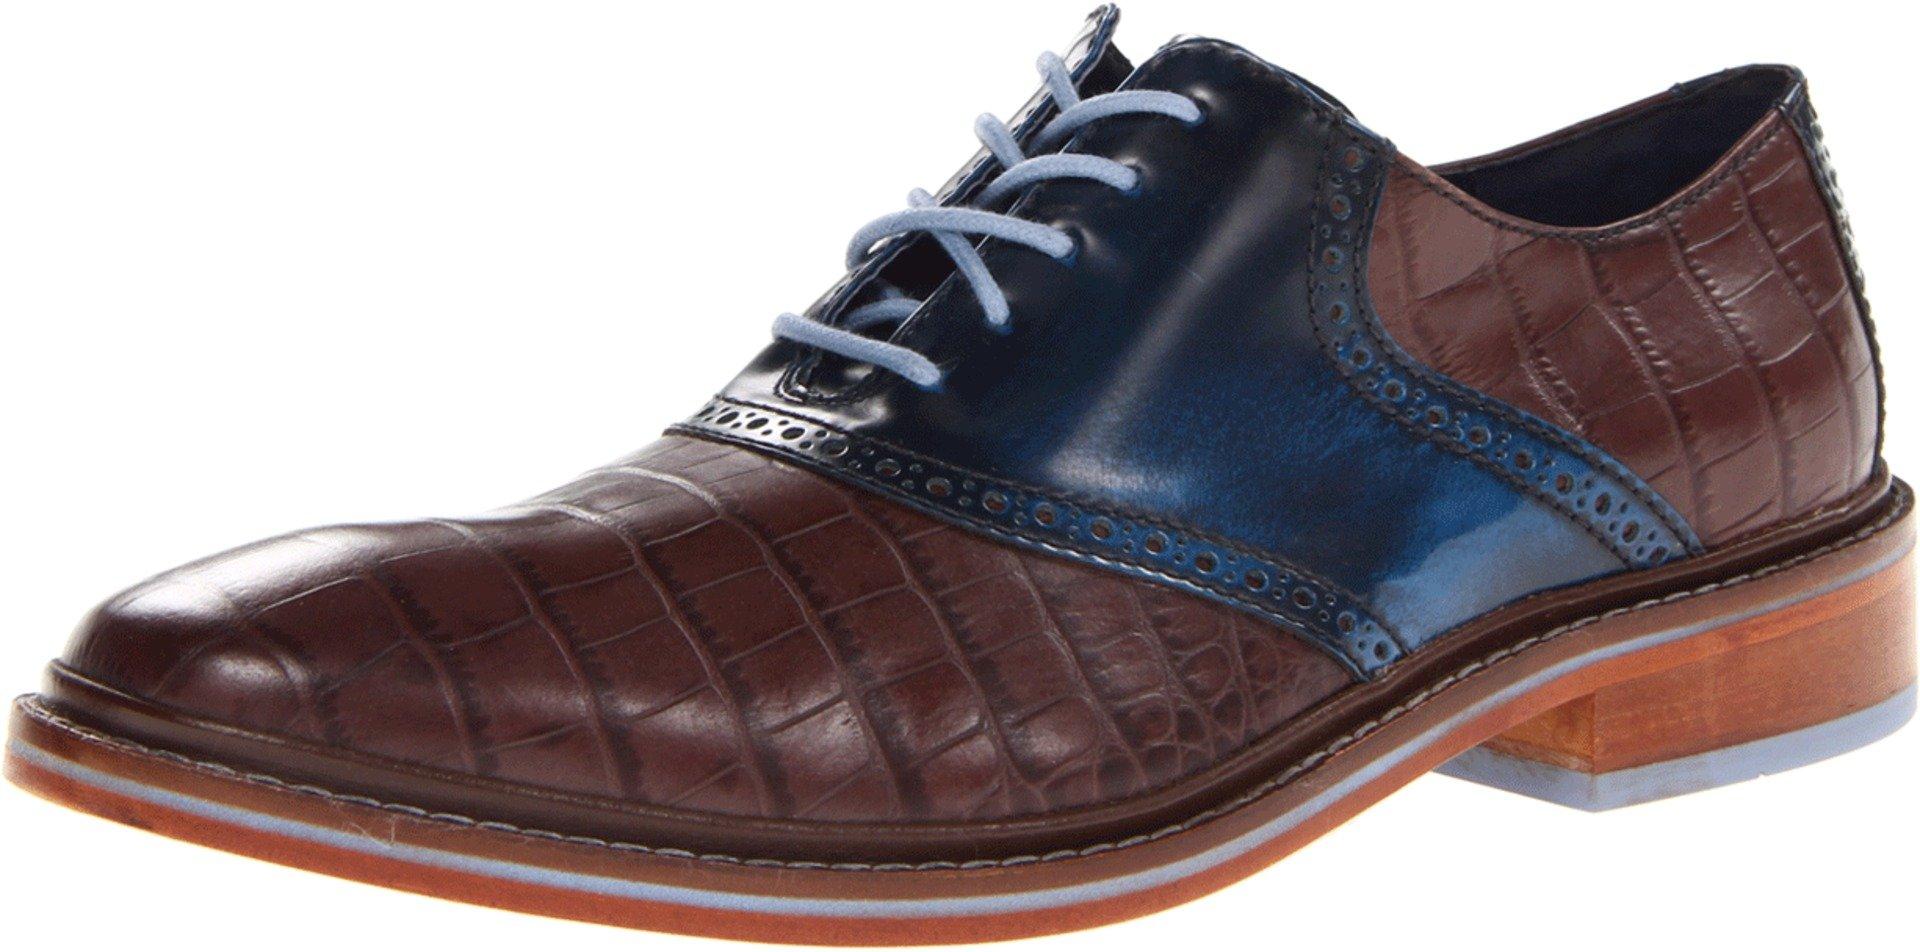 Cole Haan Men's Colton Winter Saddle OxfordChestnut Croc Print/Blazer Blue7 M US